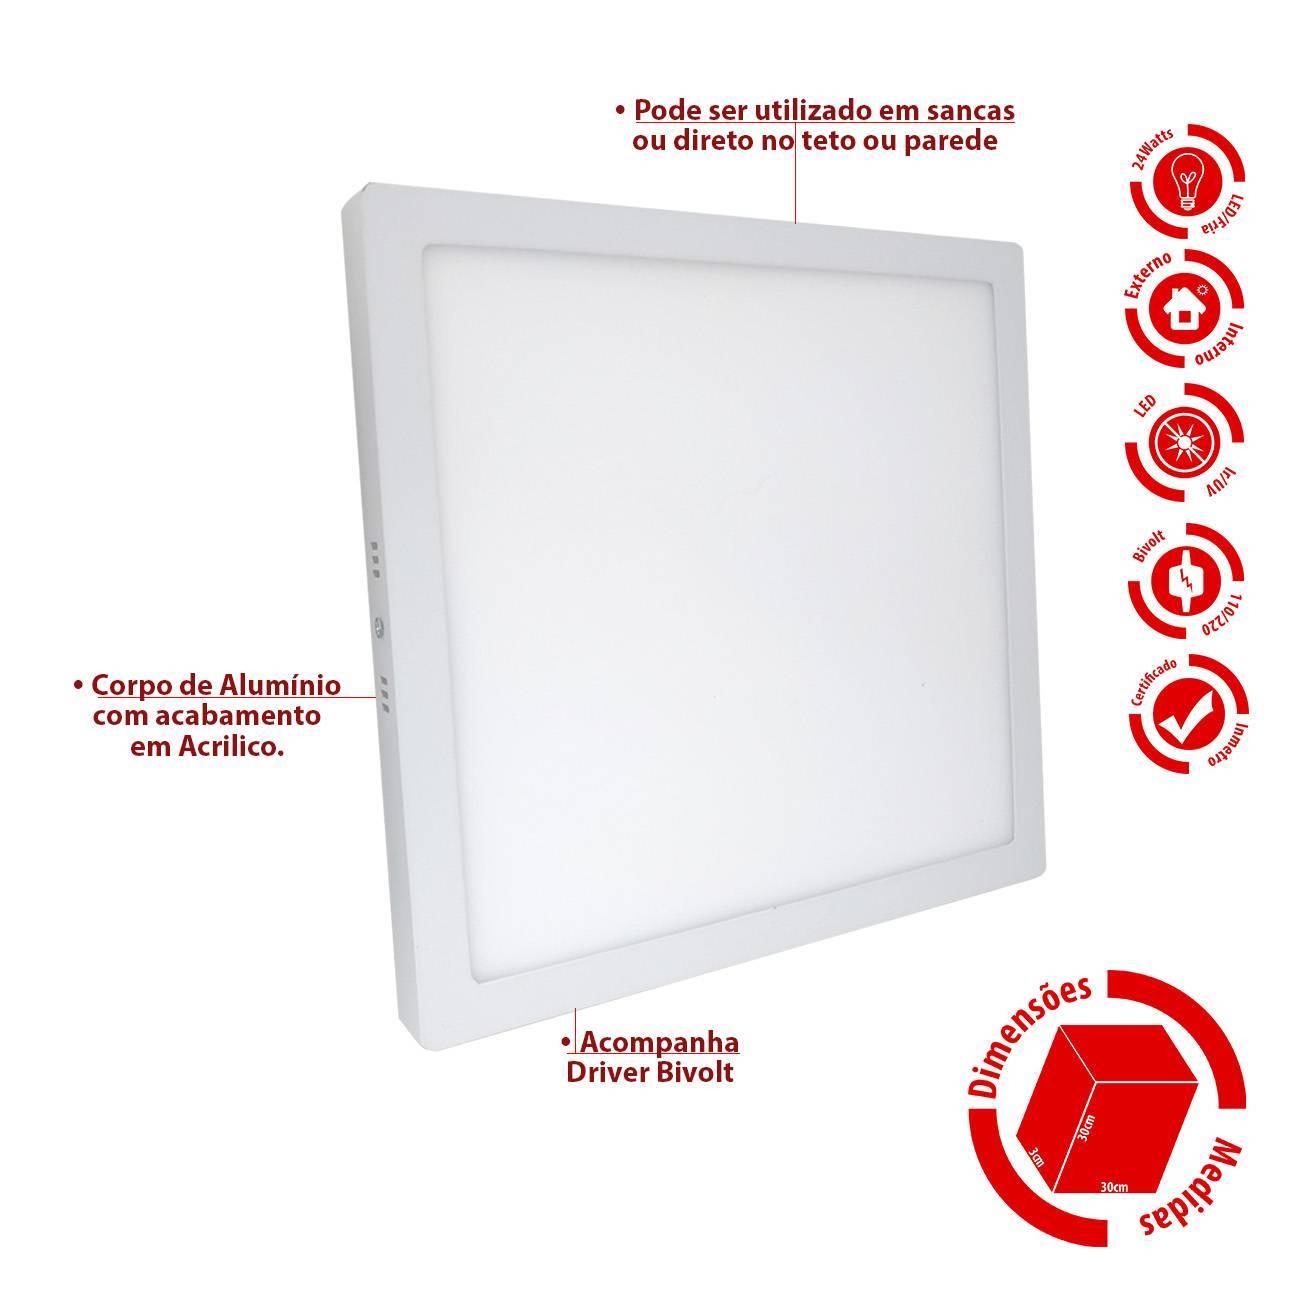 Luminária Plafon Led Sobrepor Quadrado 24w 30x30 - LCGELETRO